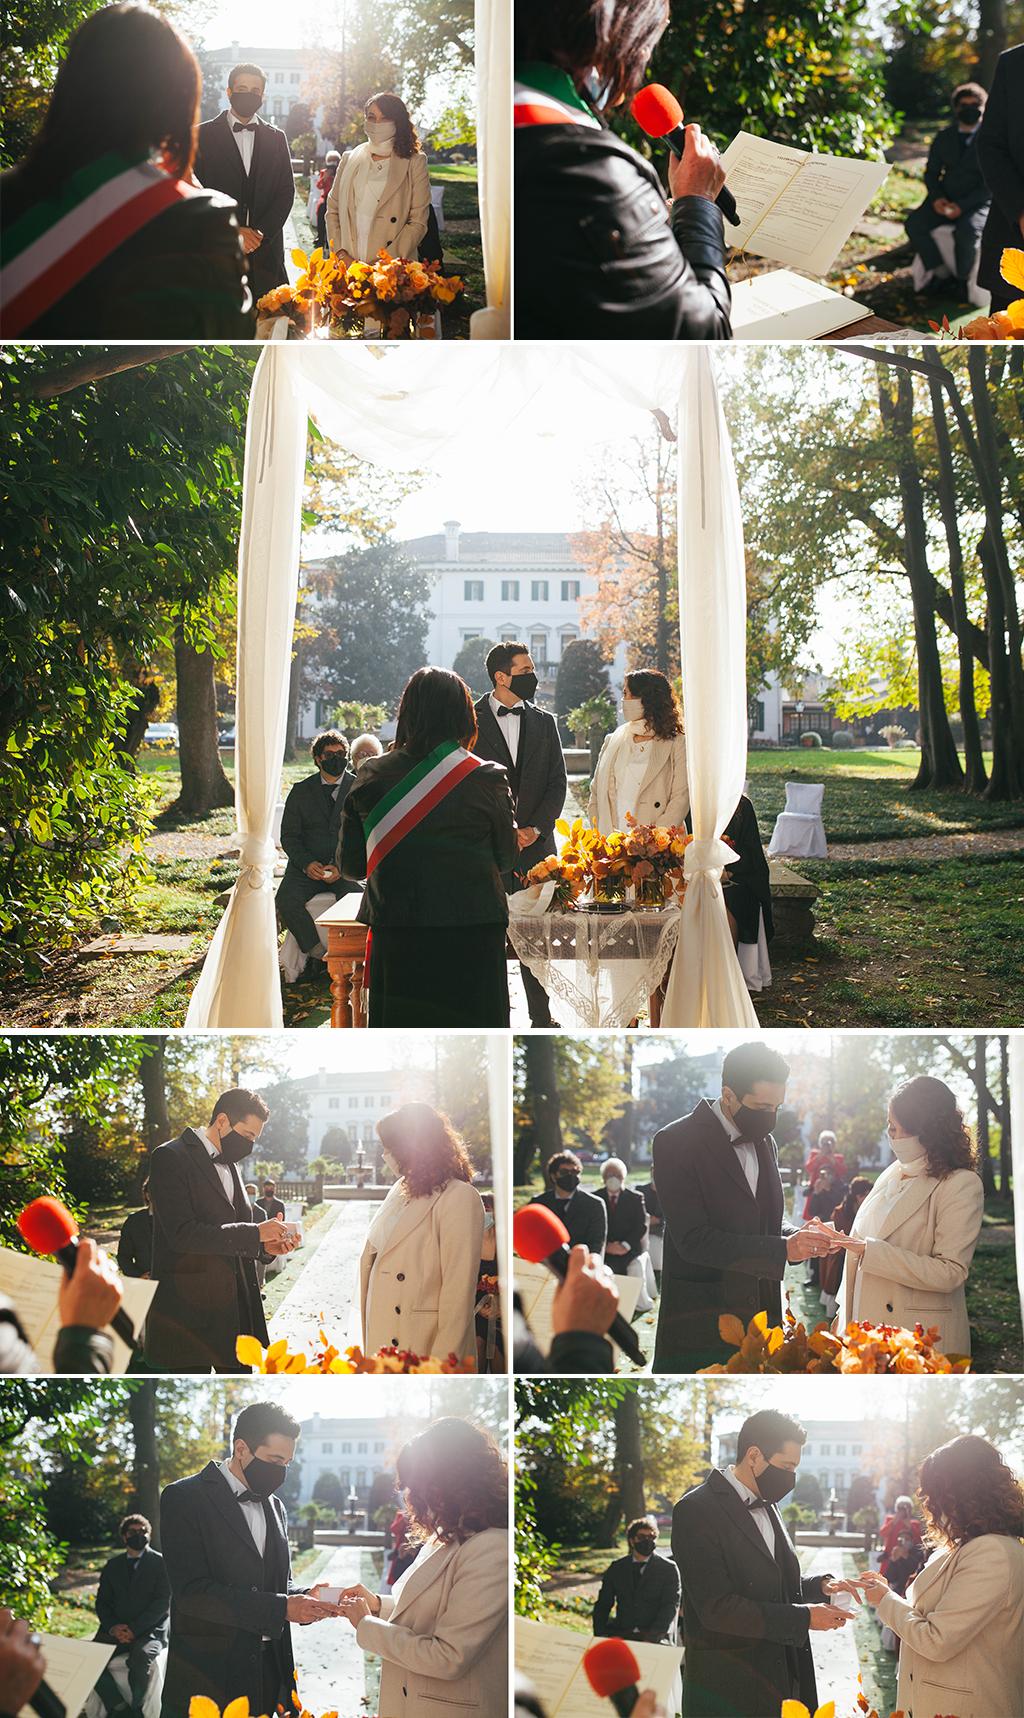 matrimonio villa revedin gorgo al monticano oderzo treviso Deborah Brugnera fotografa matrimonio civile italo arabo dolce attesa